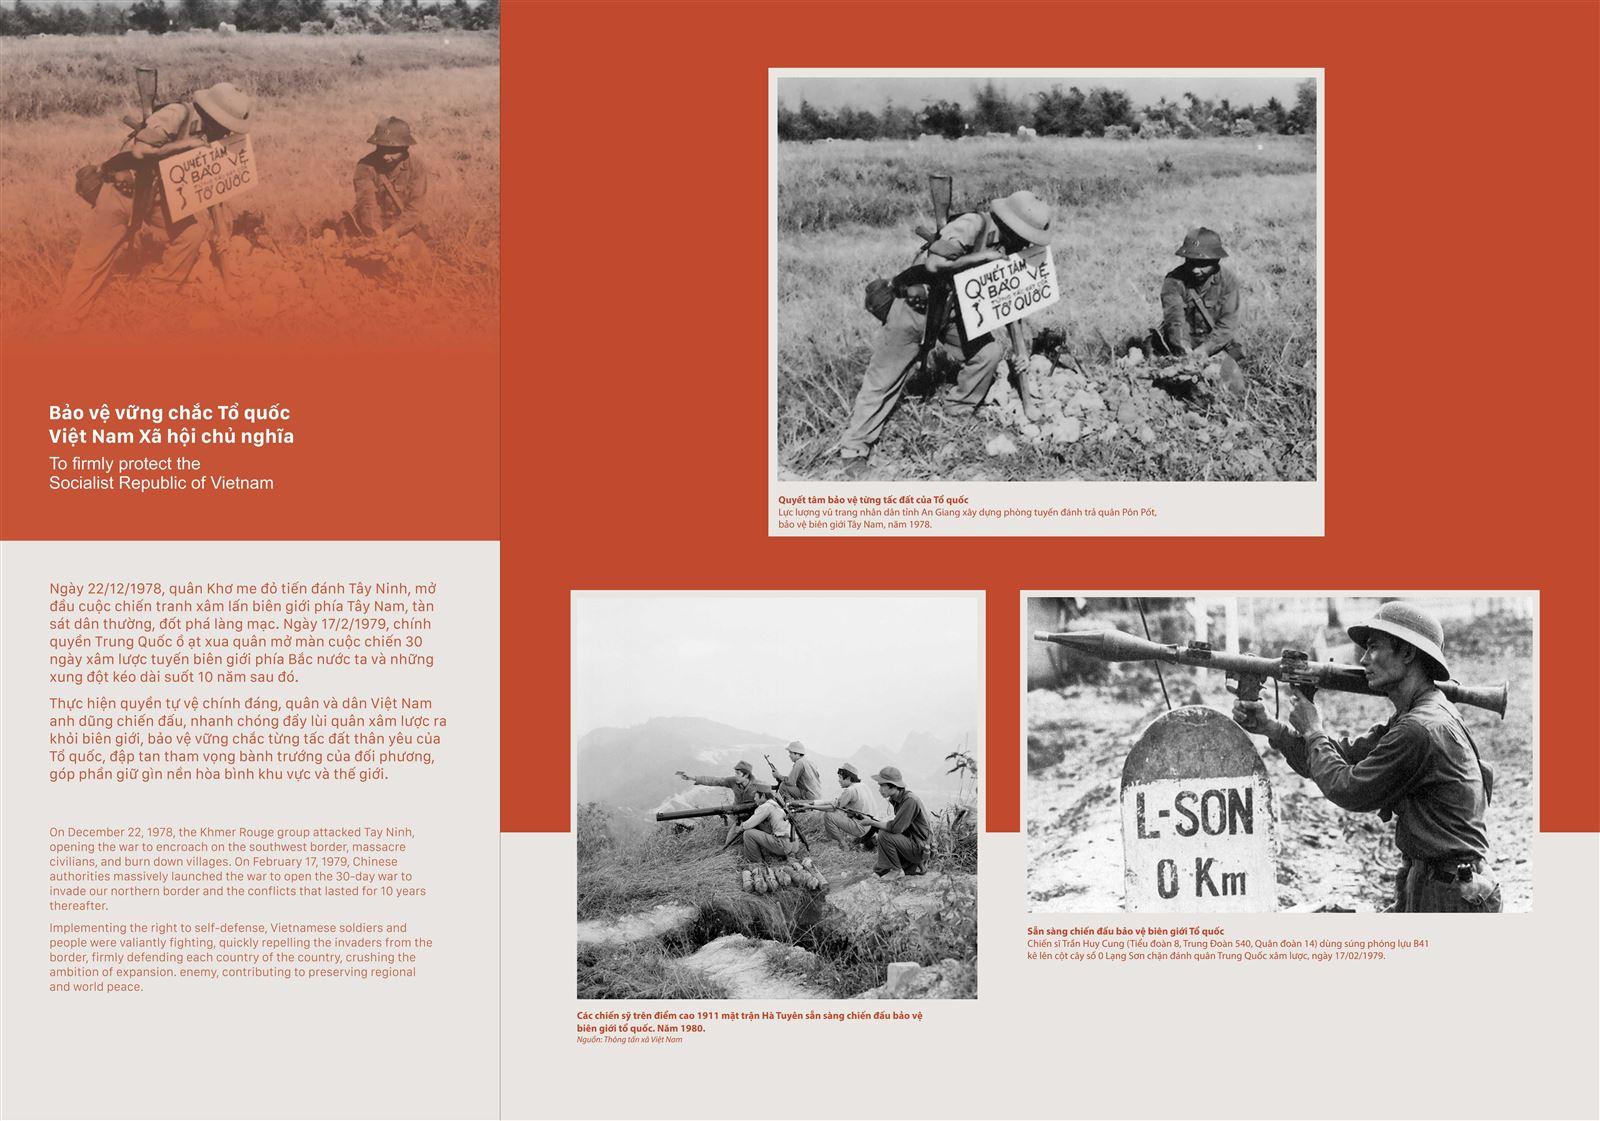 Bảo vệ vững chắc Tổ quốc Việt Nam Xã hội chủ nghĩa